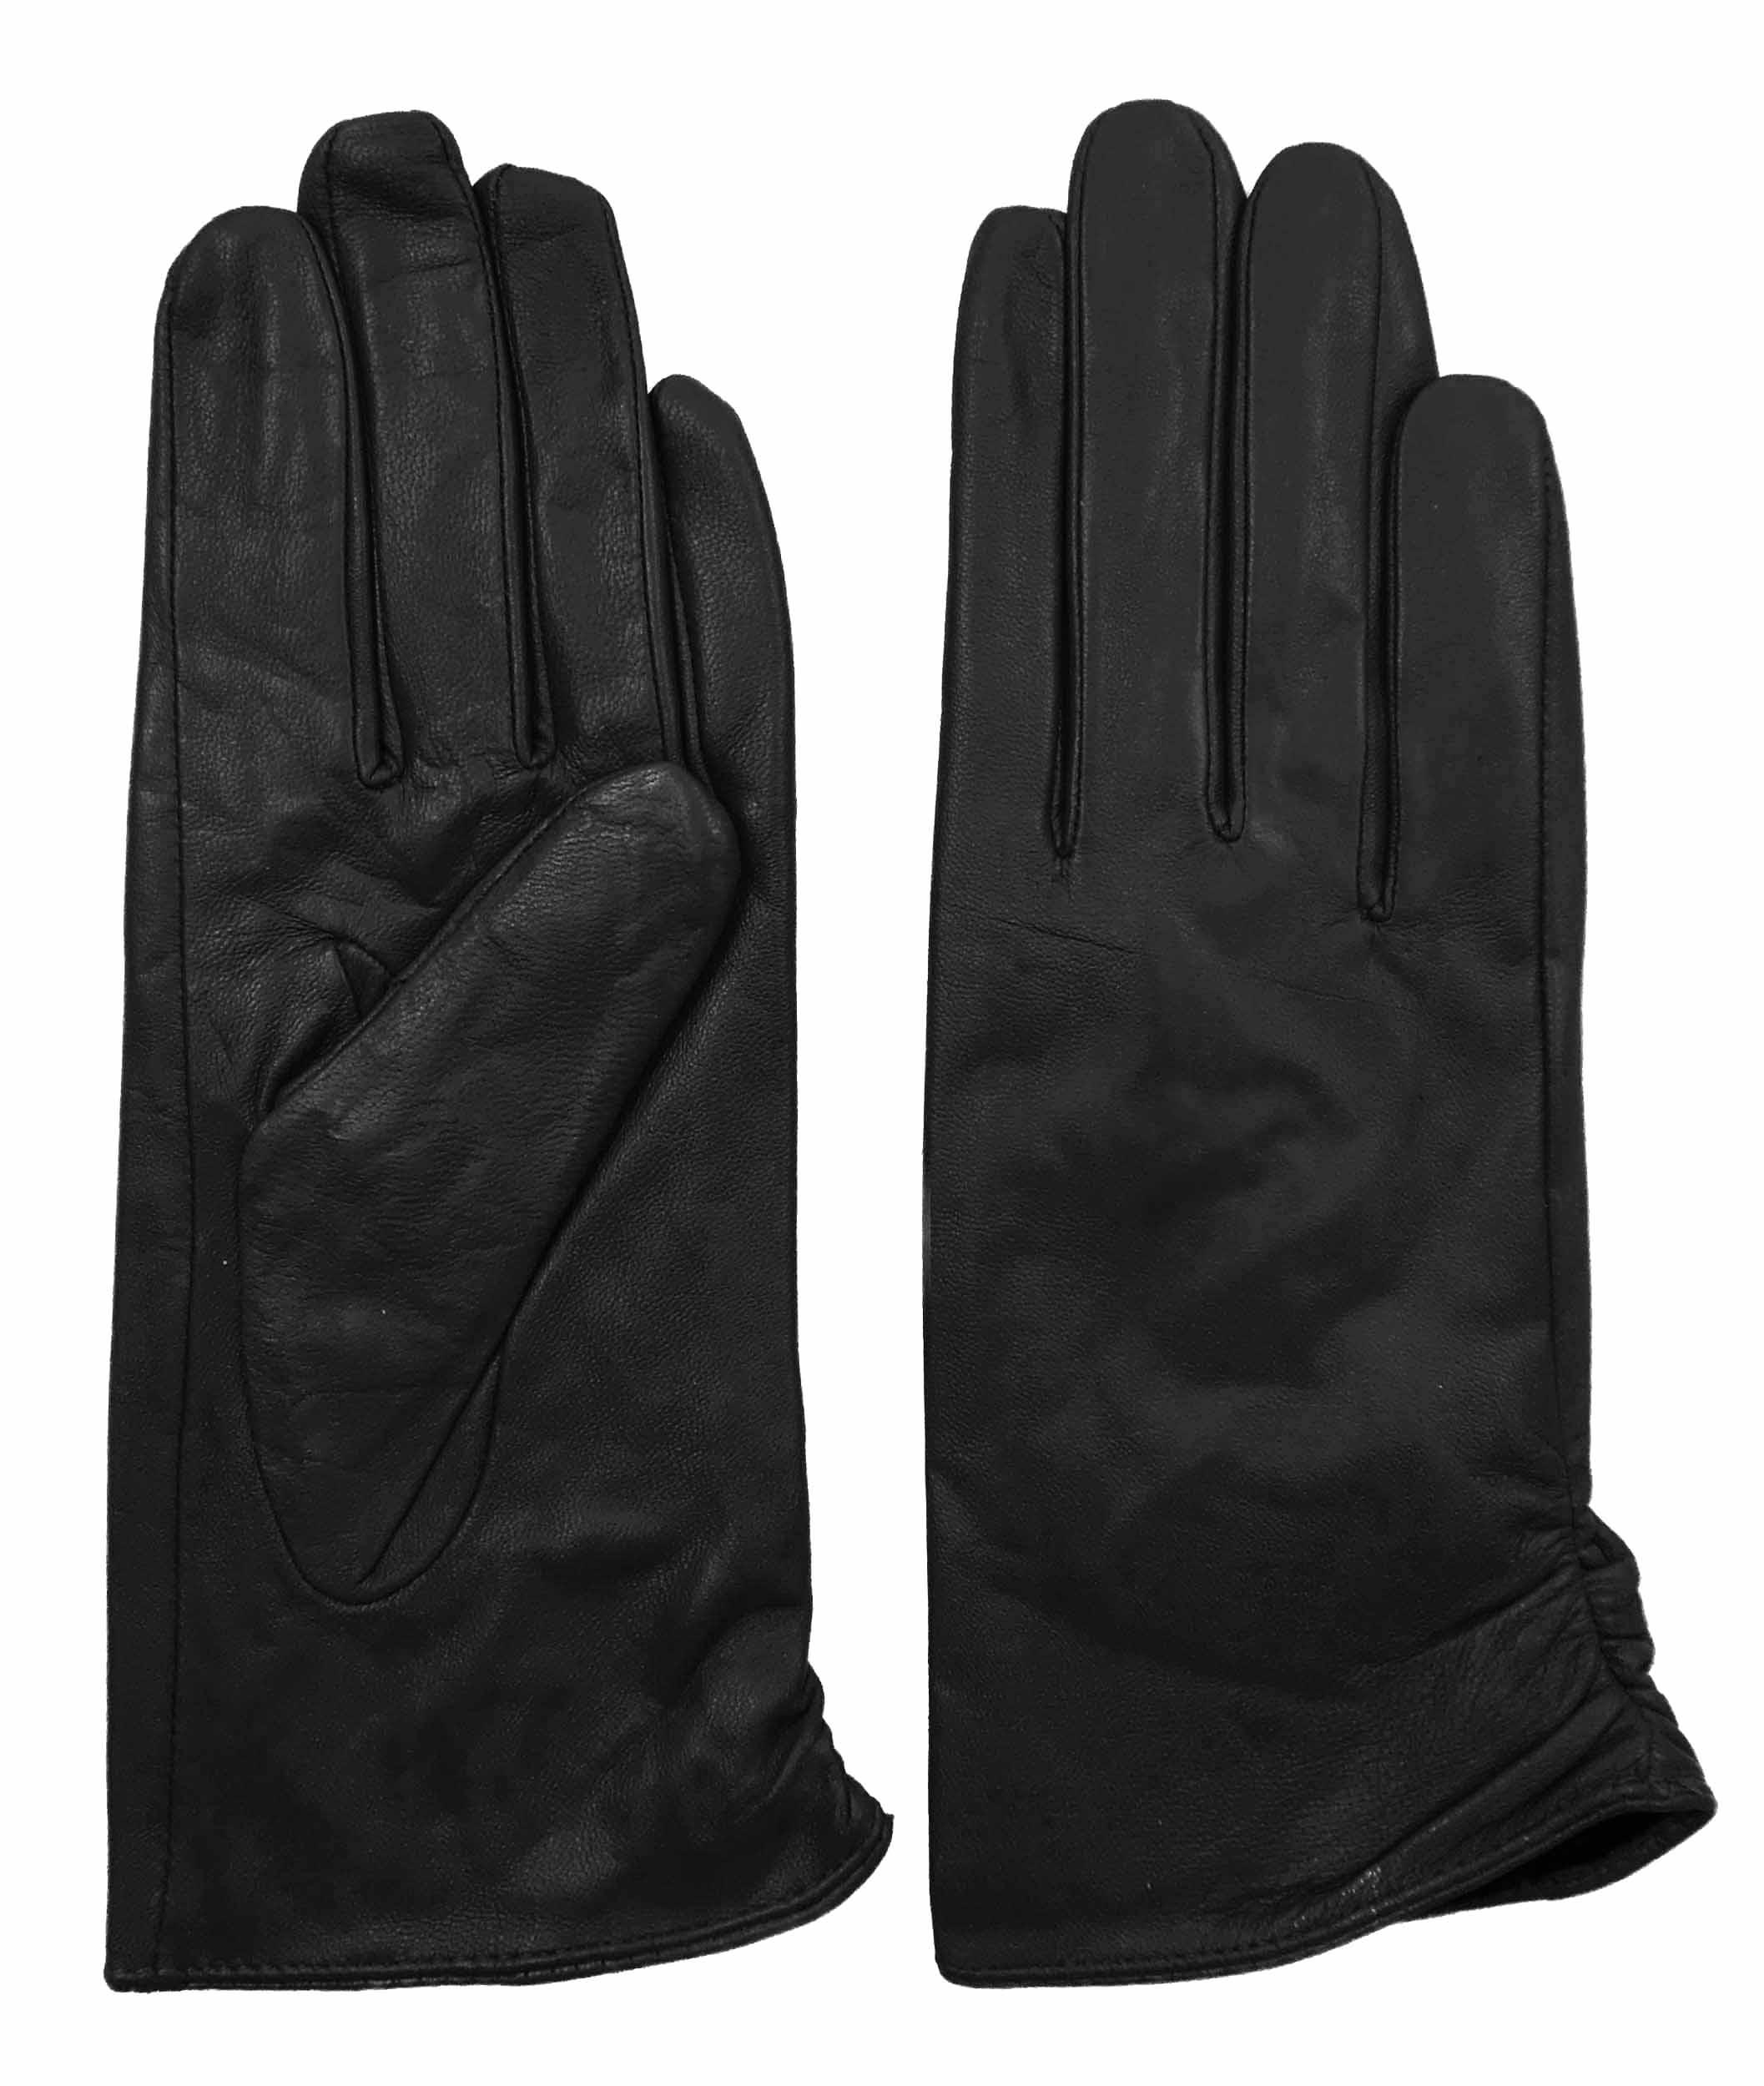 Womens lined leather gloves - Giromy Samoni Womens Plush Lined Leather Gloves With Decorative Ruching Black